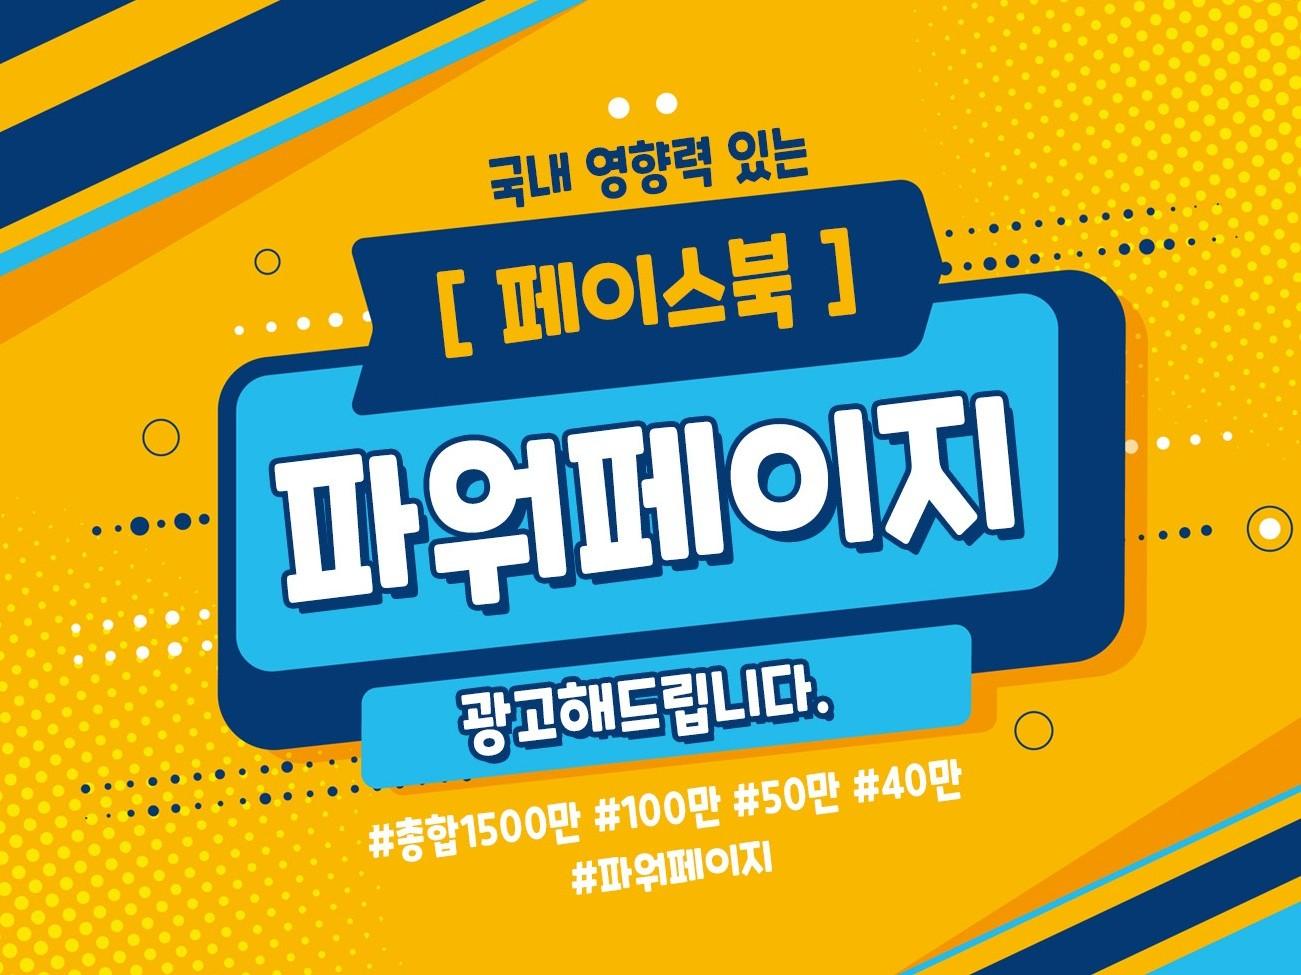 페이스북 한국인 100만 명 페이지에 광고해 드립니다.